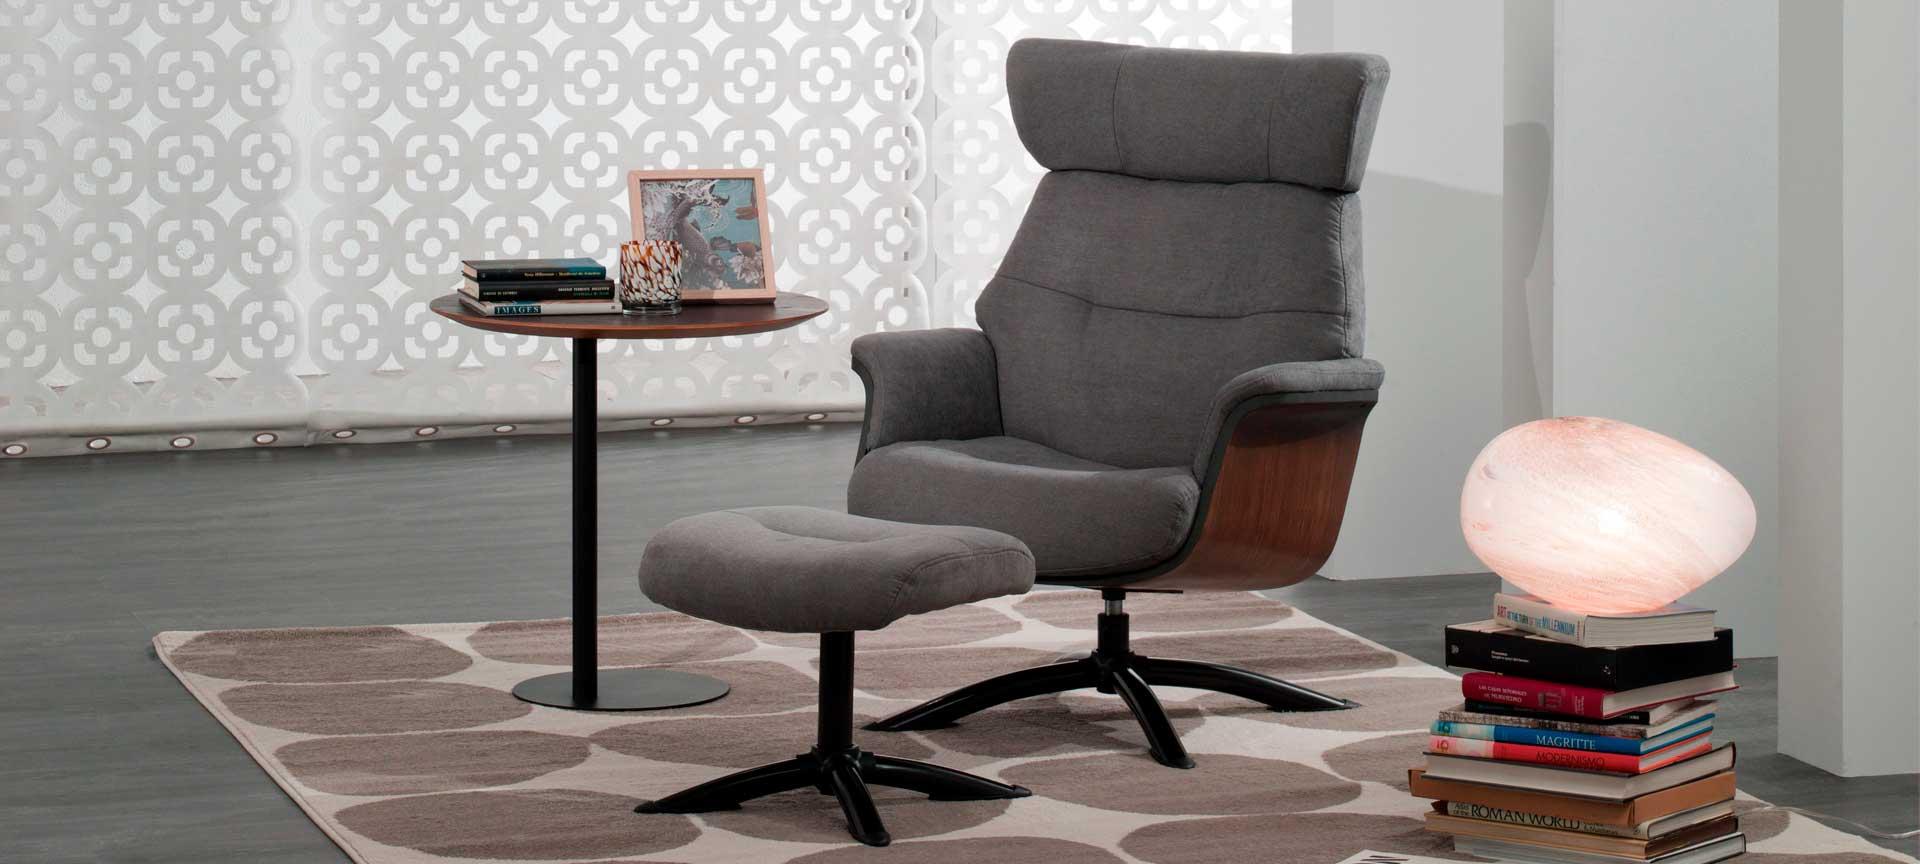 sillon relax de diseño gris Sound mimma gallery